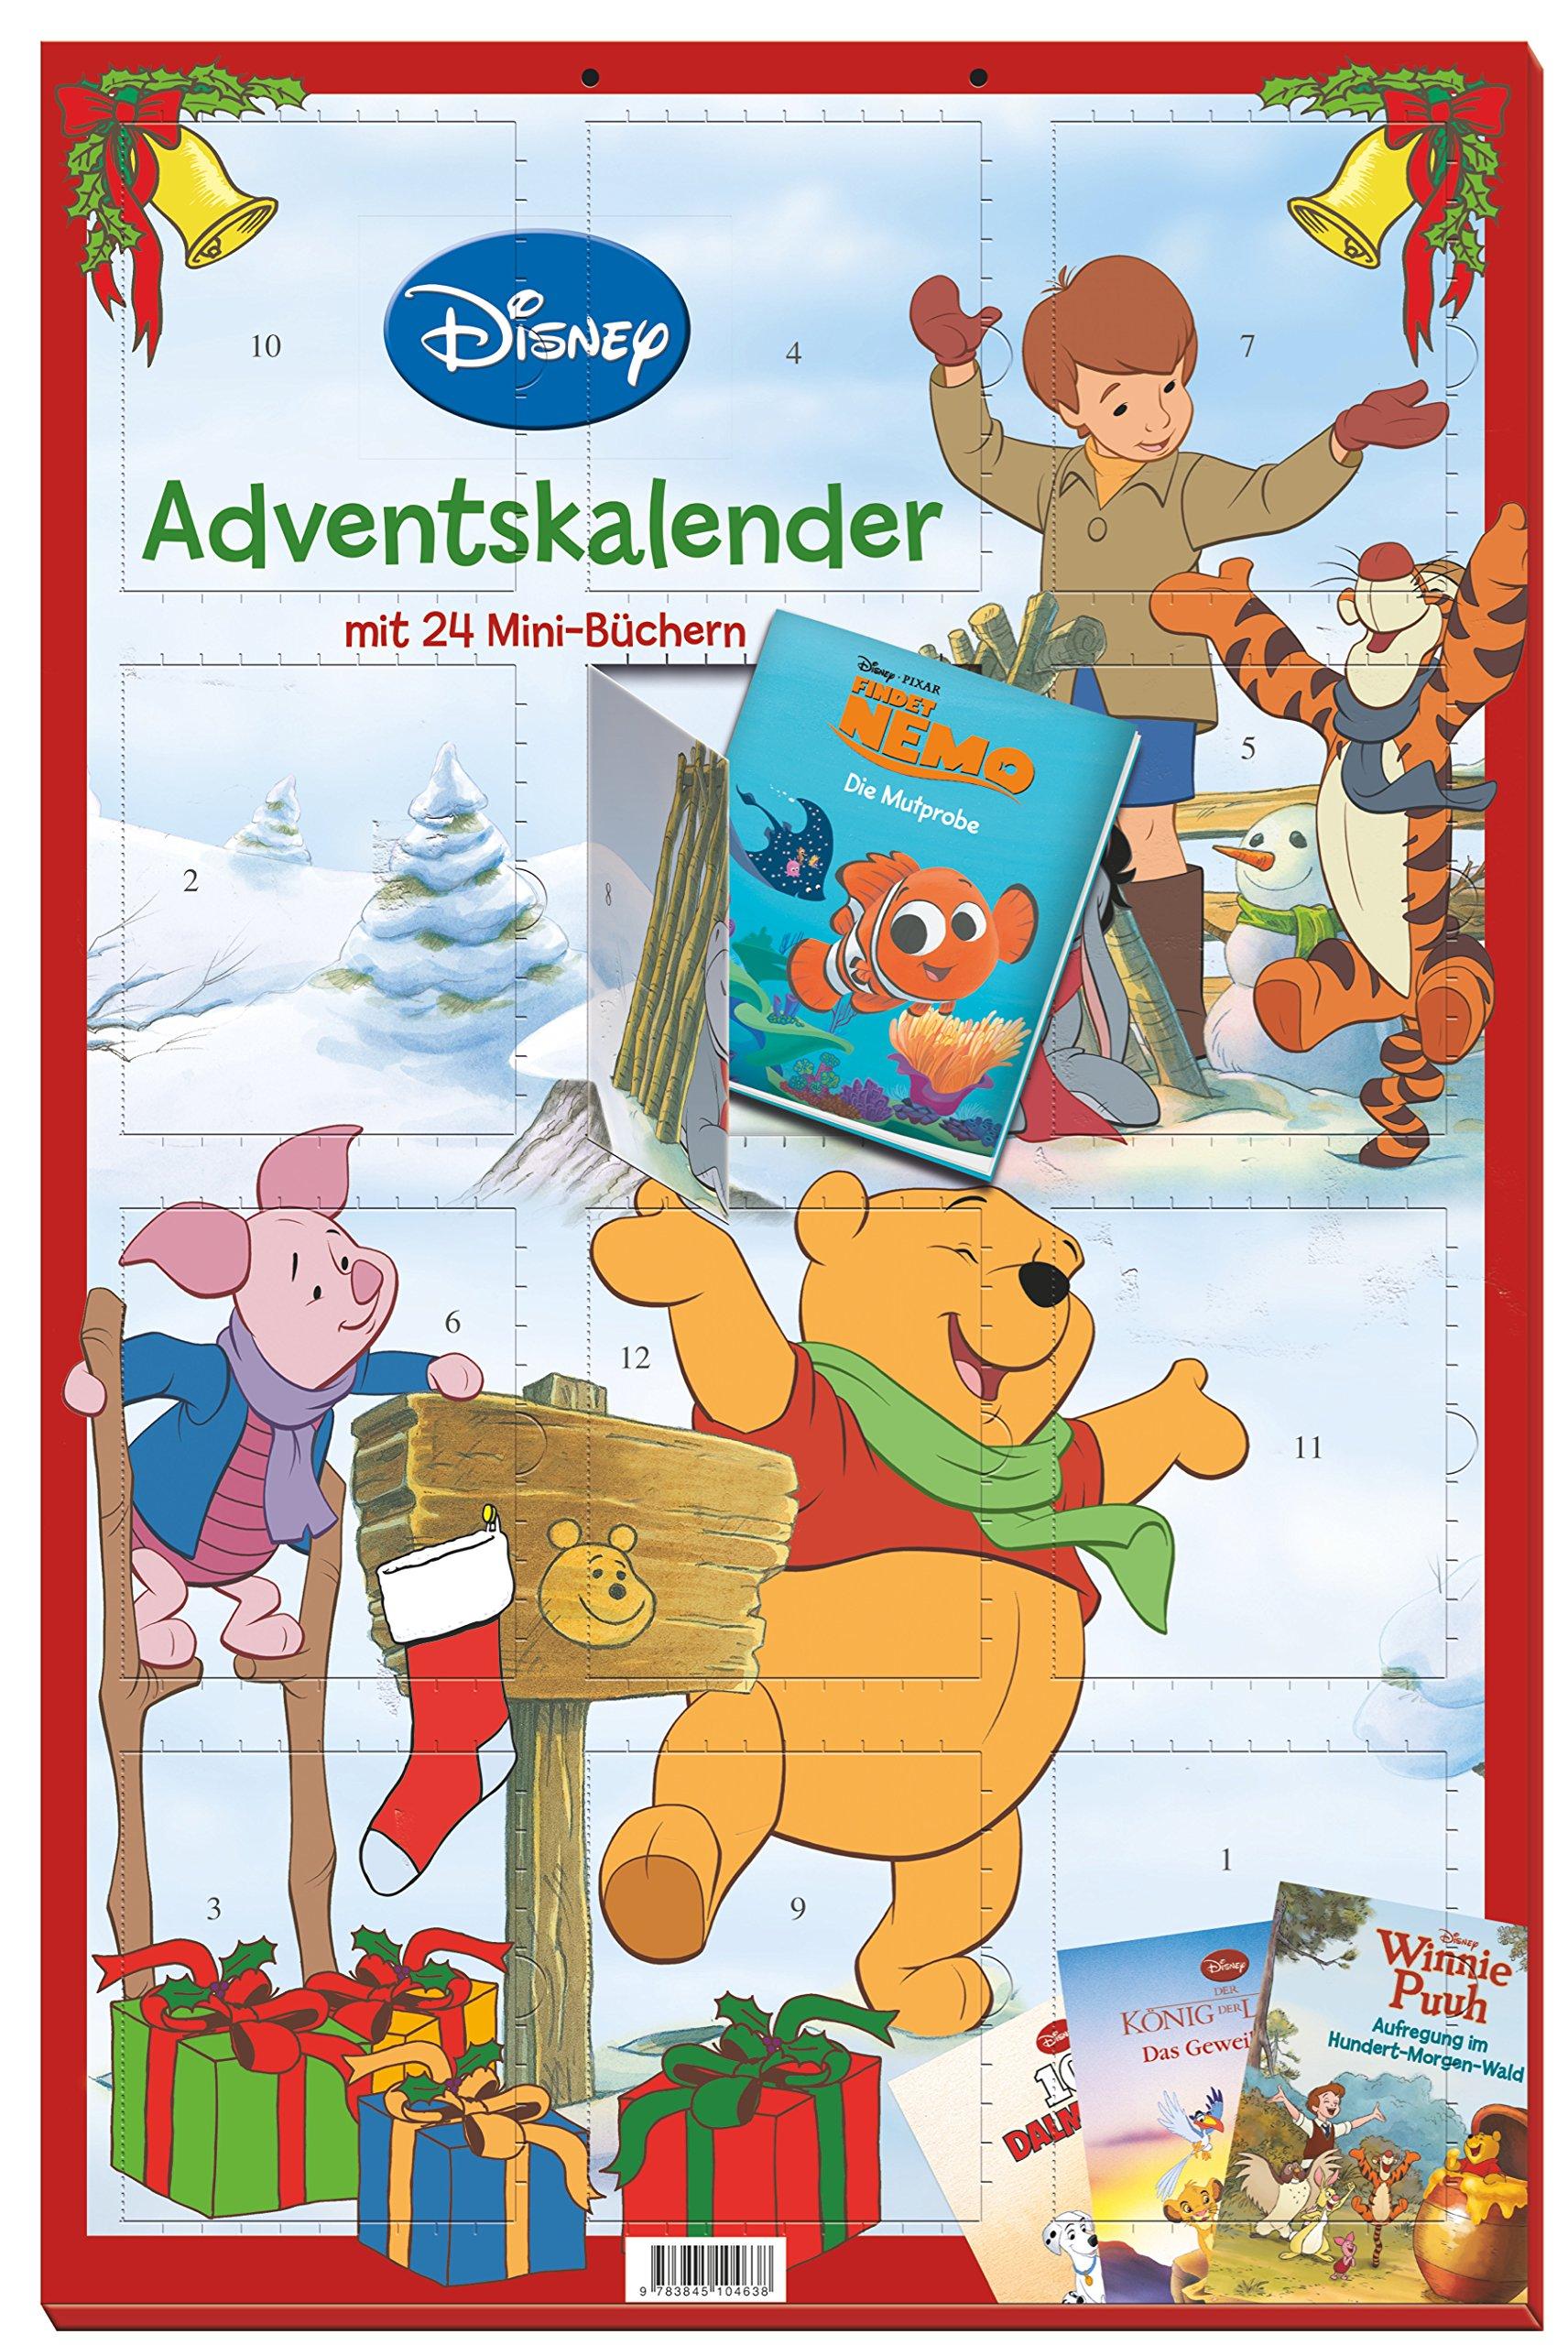 Disney Minibuch Adventskalender 2016 24 Tolle Minibücher Zur